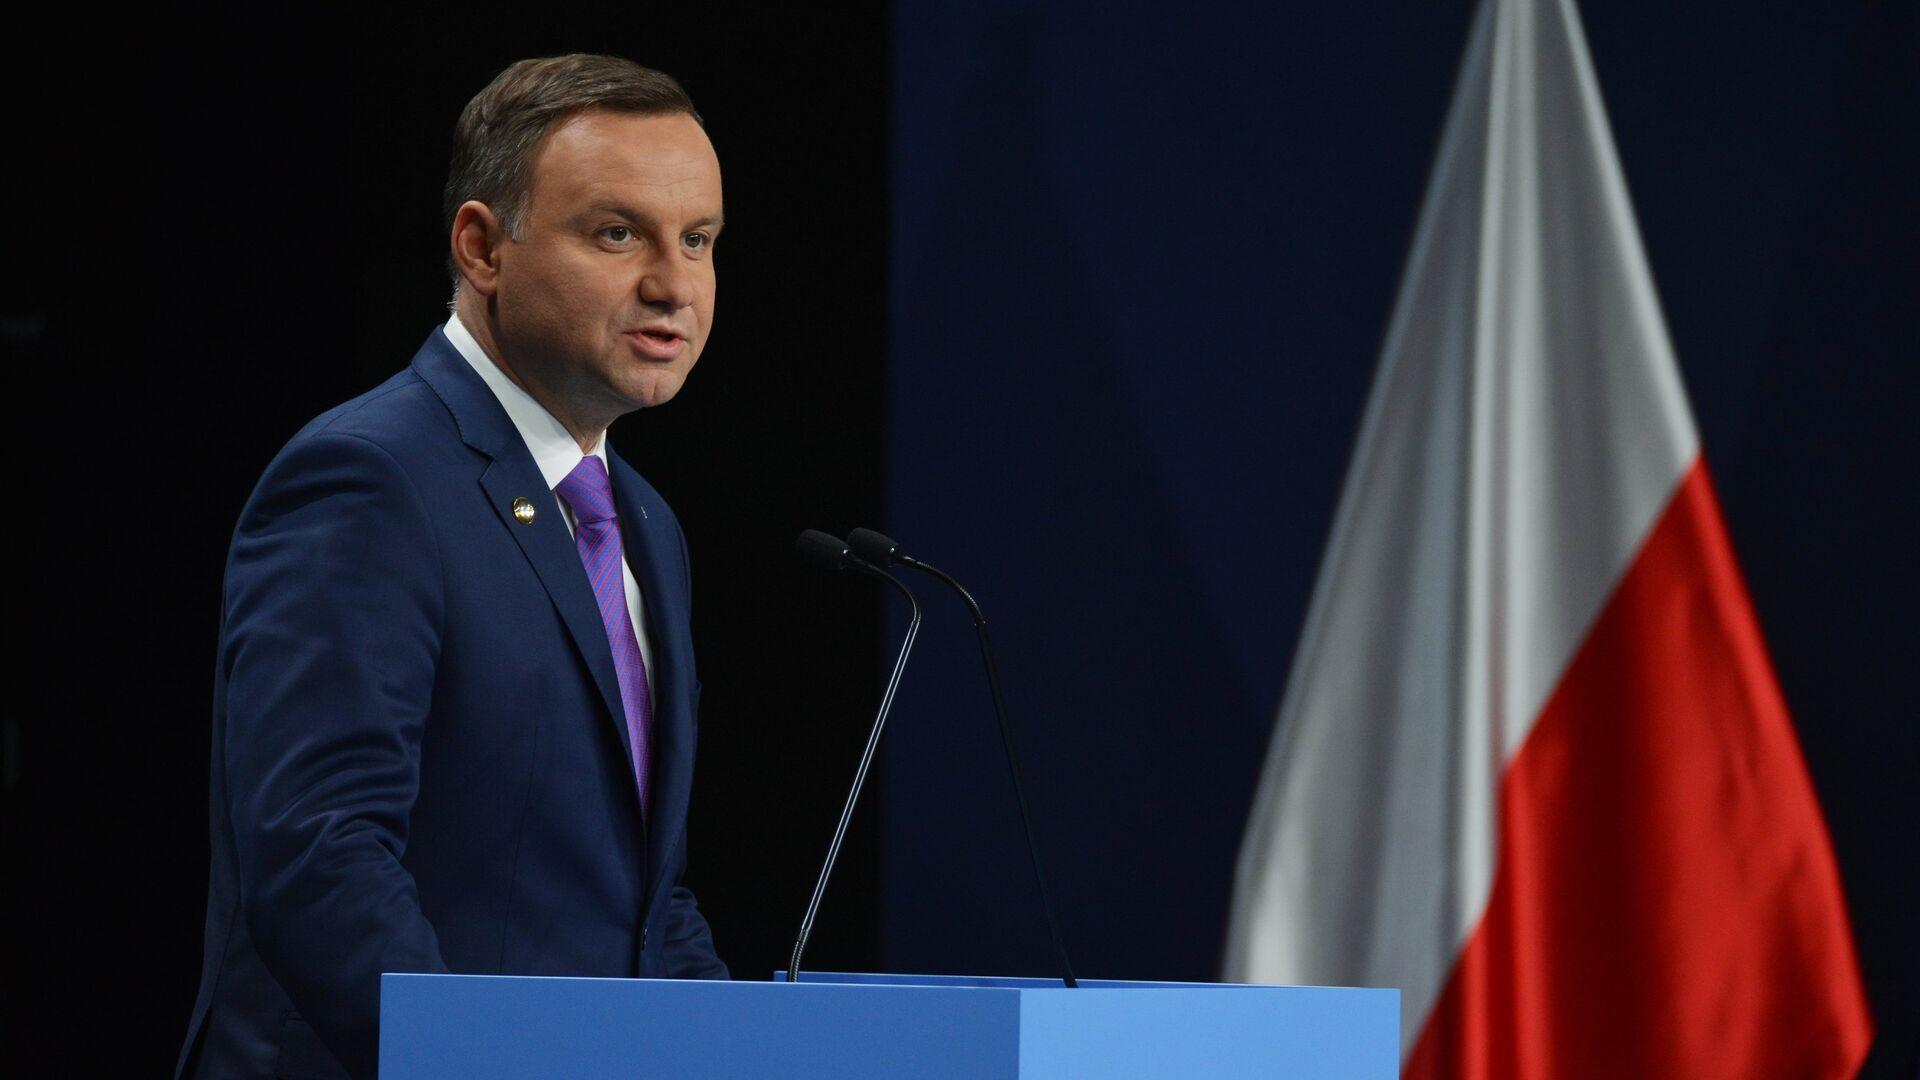 Эксперт объяснил смягчение позиции США по России